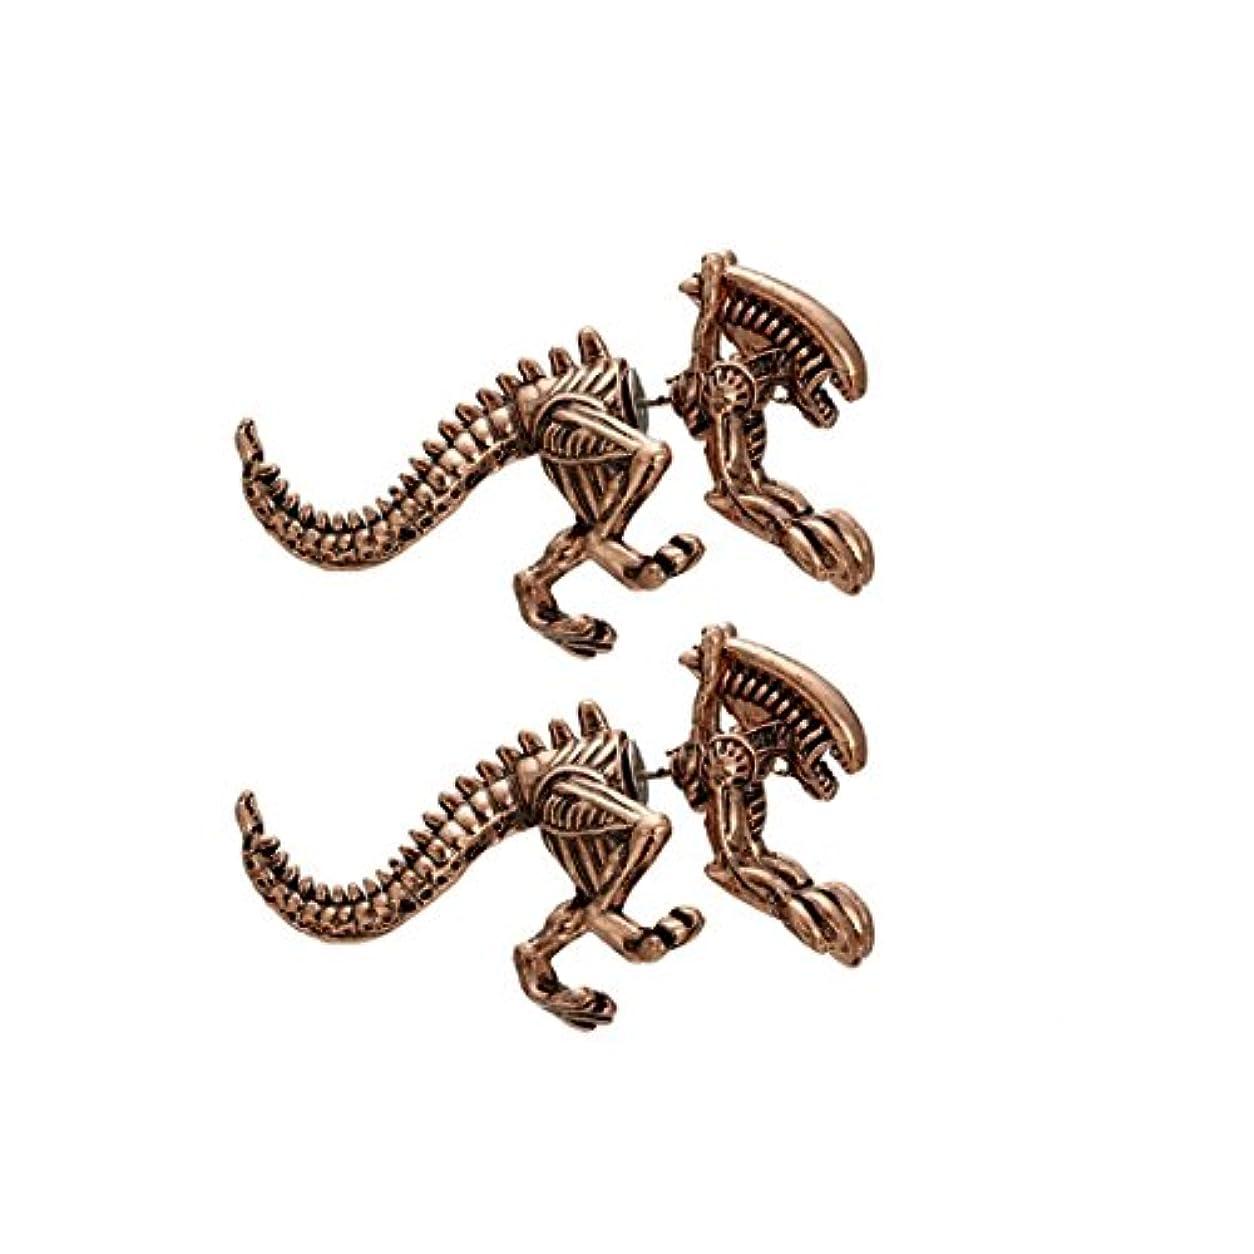 変形腐敗水を飲むmolyveva恐竜動物イヤリングピアスダブル耳カフスタッドフープイヤリングAlienハンターゴシックジュエリー